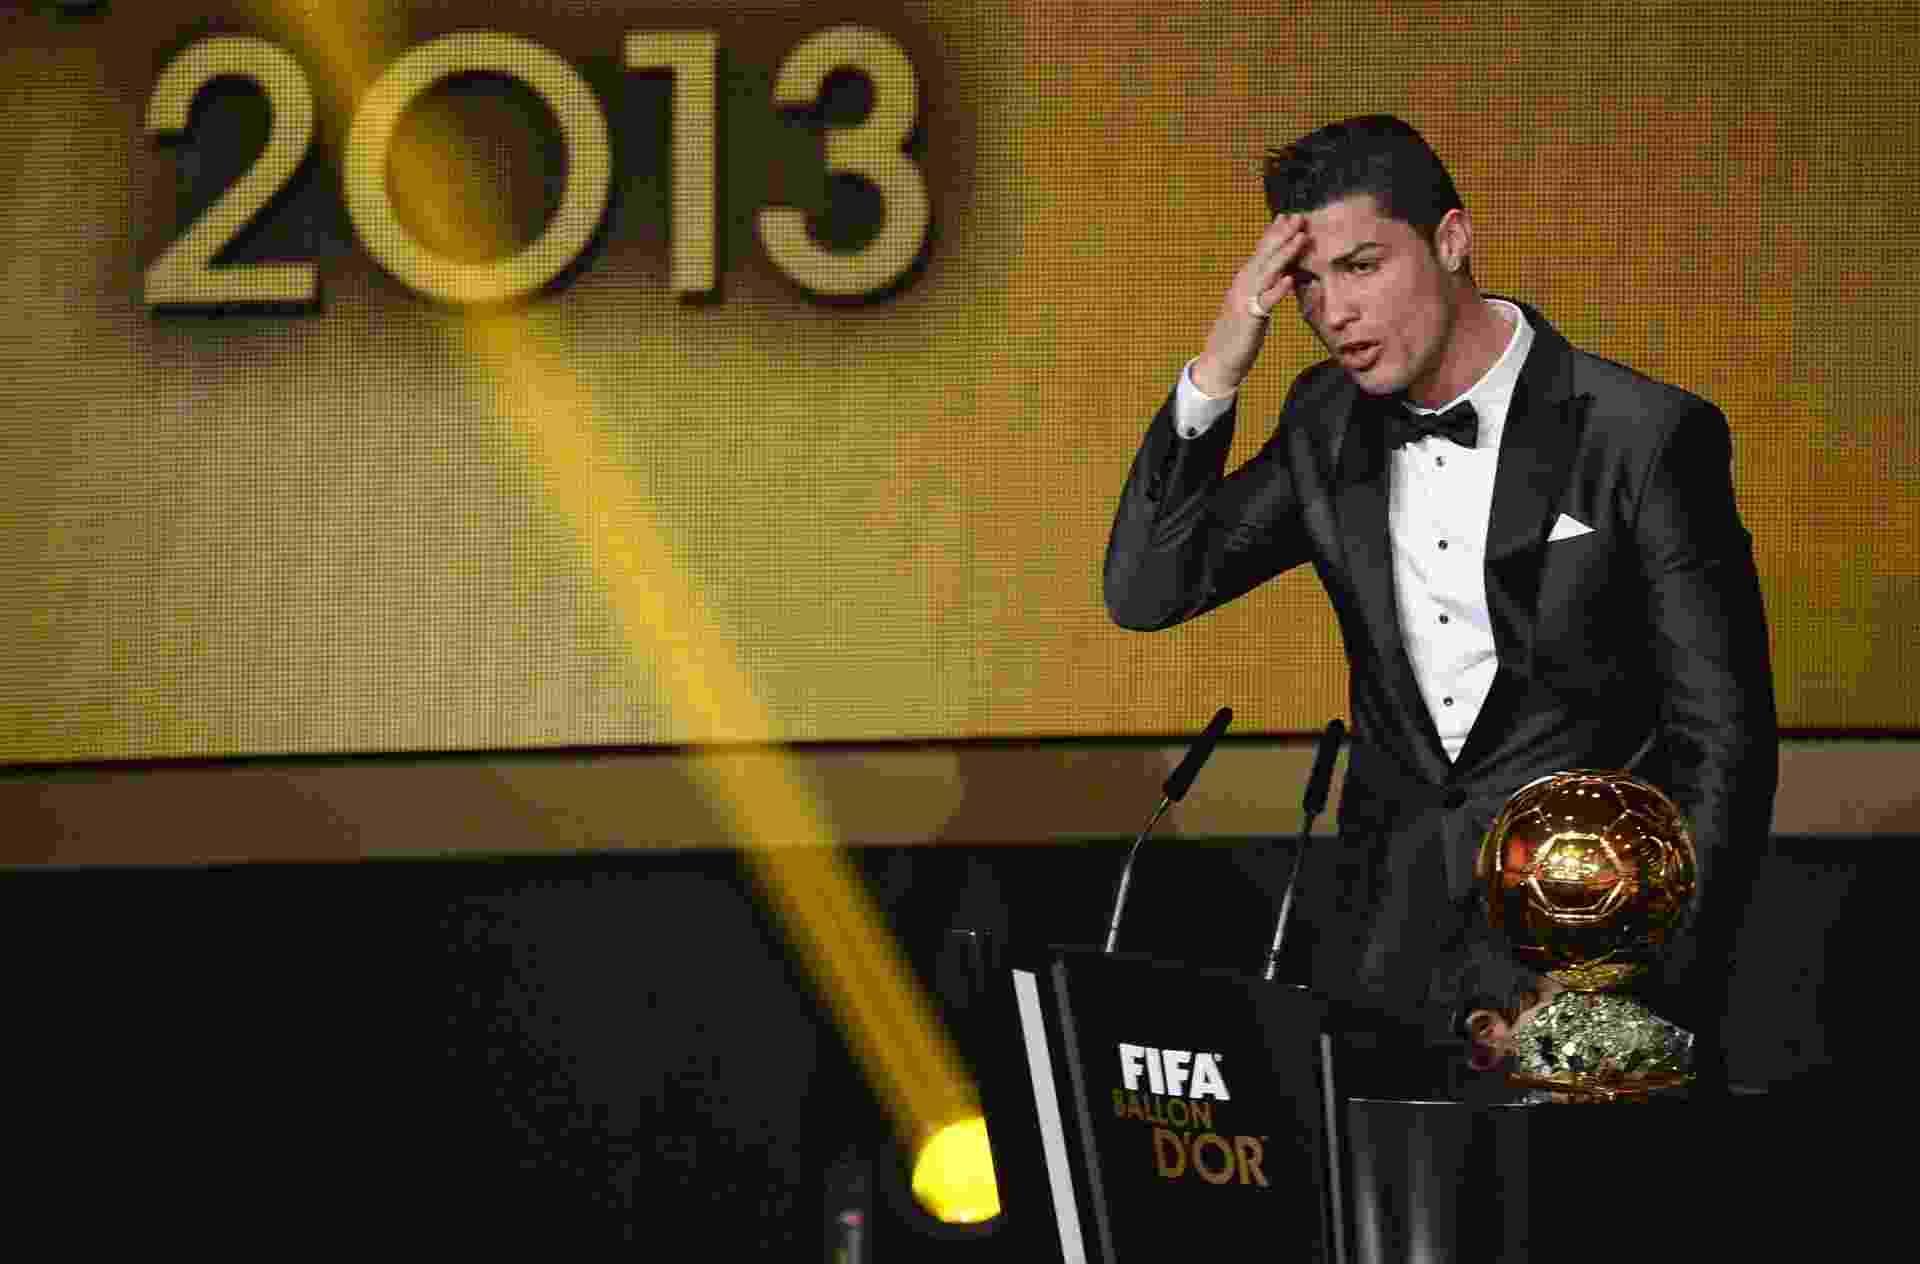 13.jan.2014 - Cristiano Ronaldo se emociona ao ser eleito o melhor jogador do mundo de 2013 e quebrar hegemonia de Messi - AFP